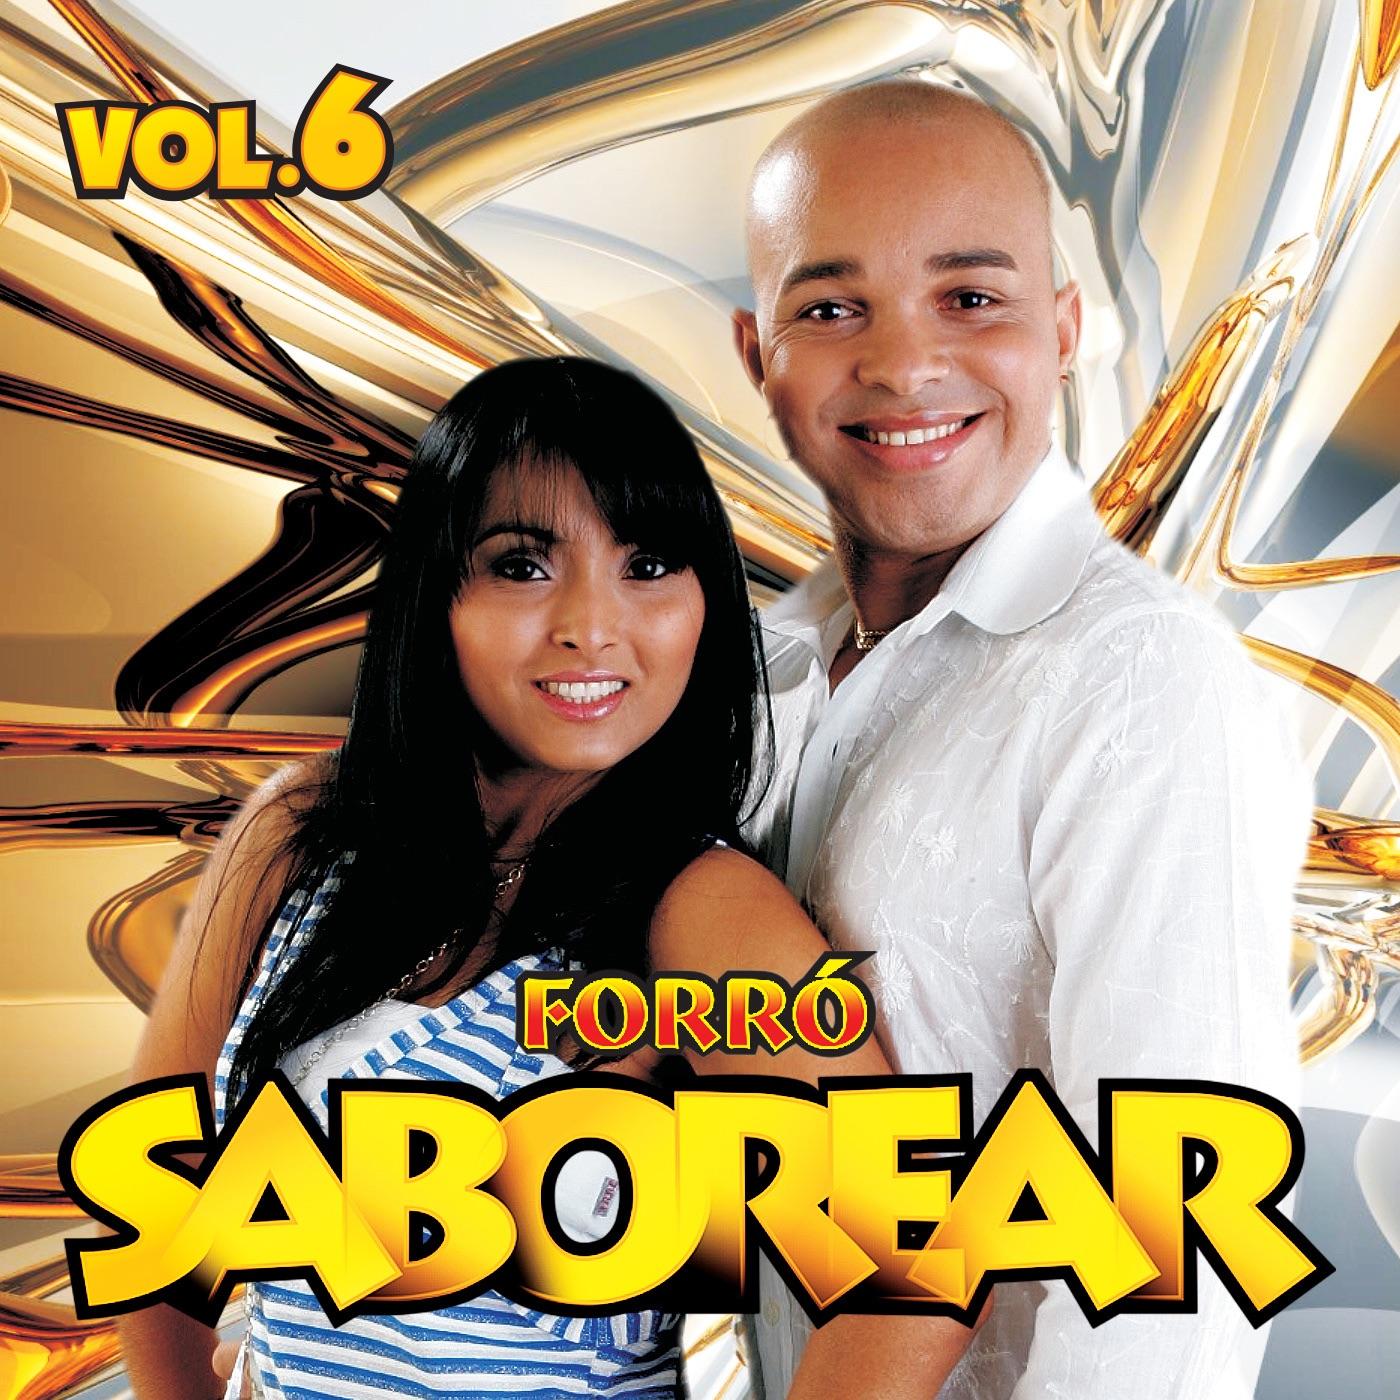 Forró Saborear, Vol. 6